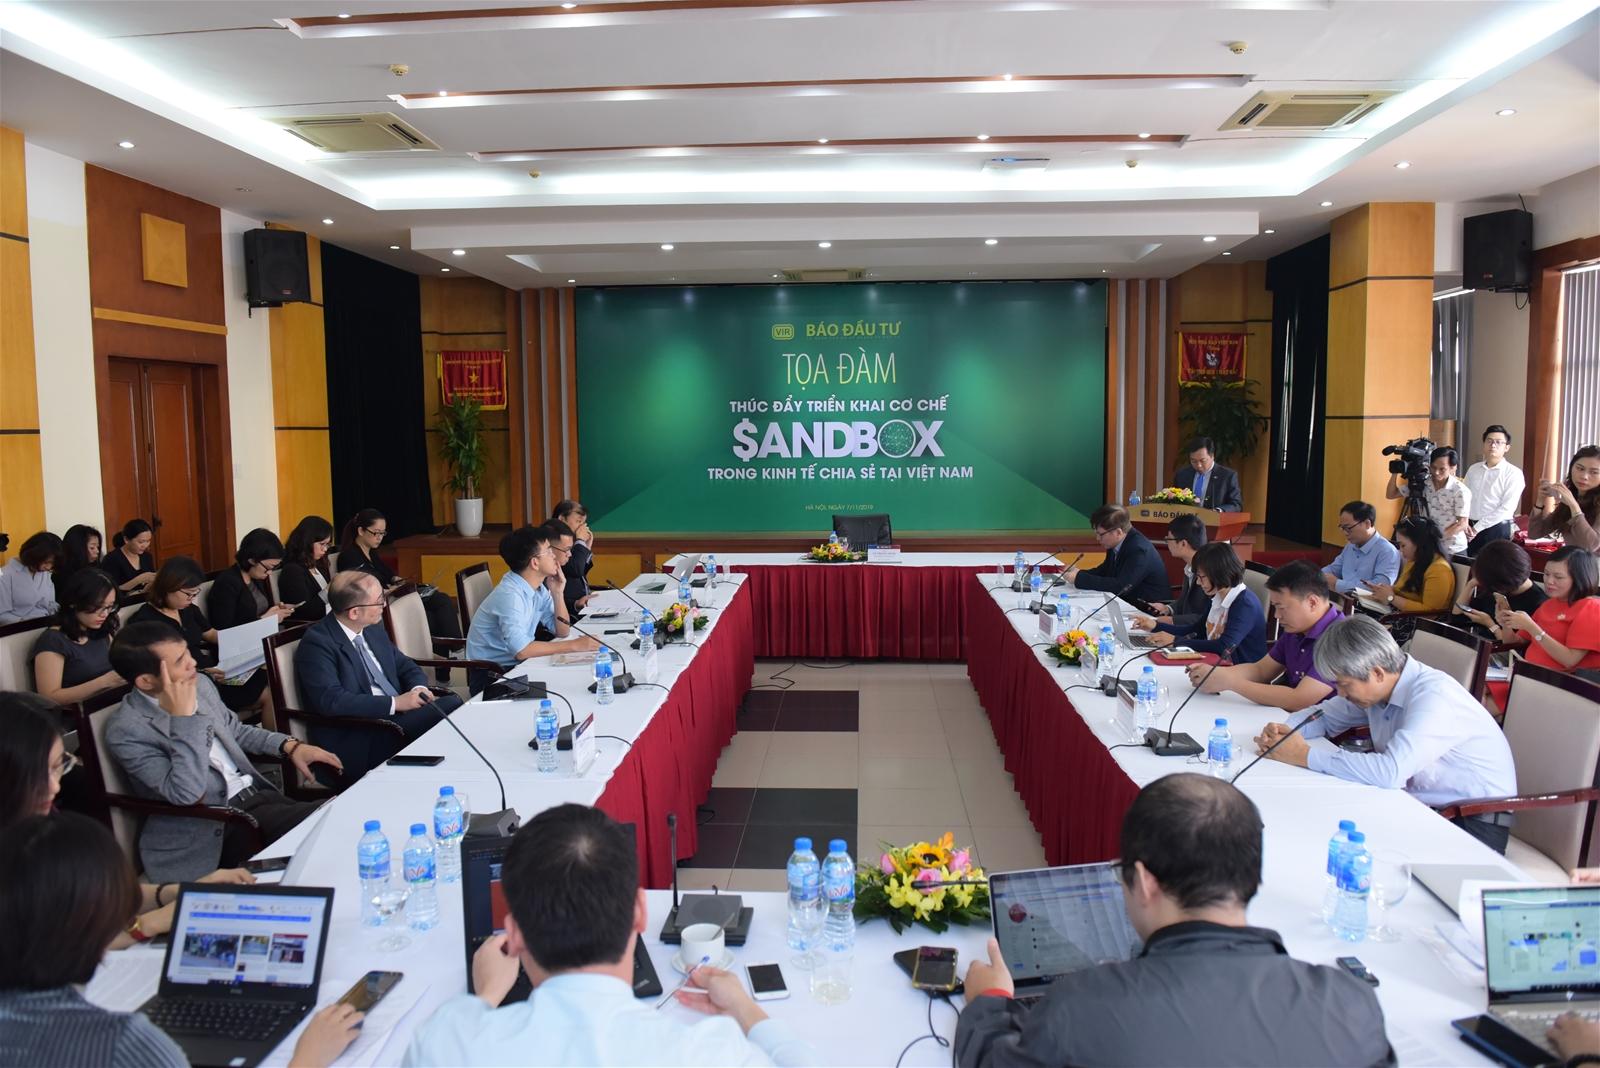 Moca đề xuất quy định về thực thi cơ chế sandbox